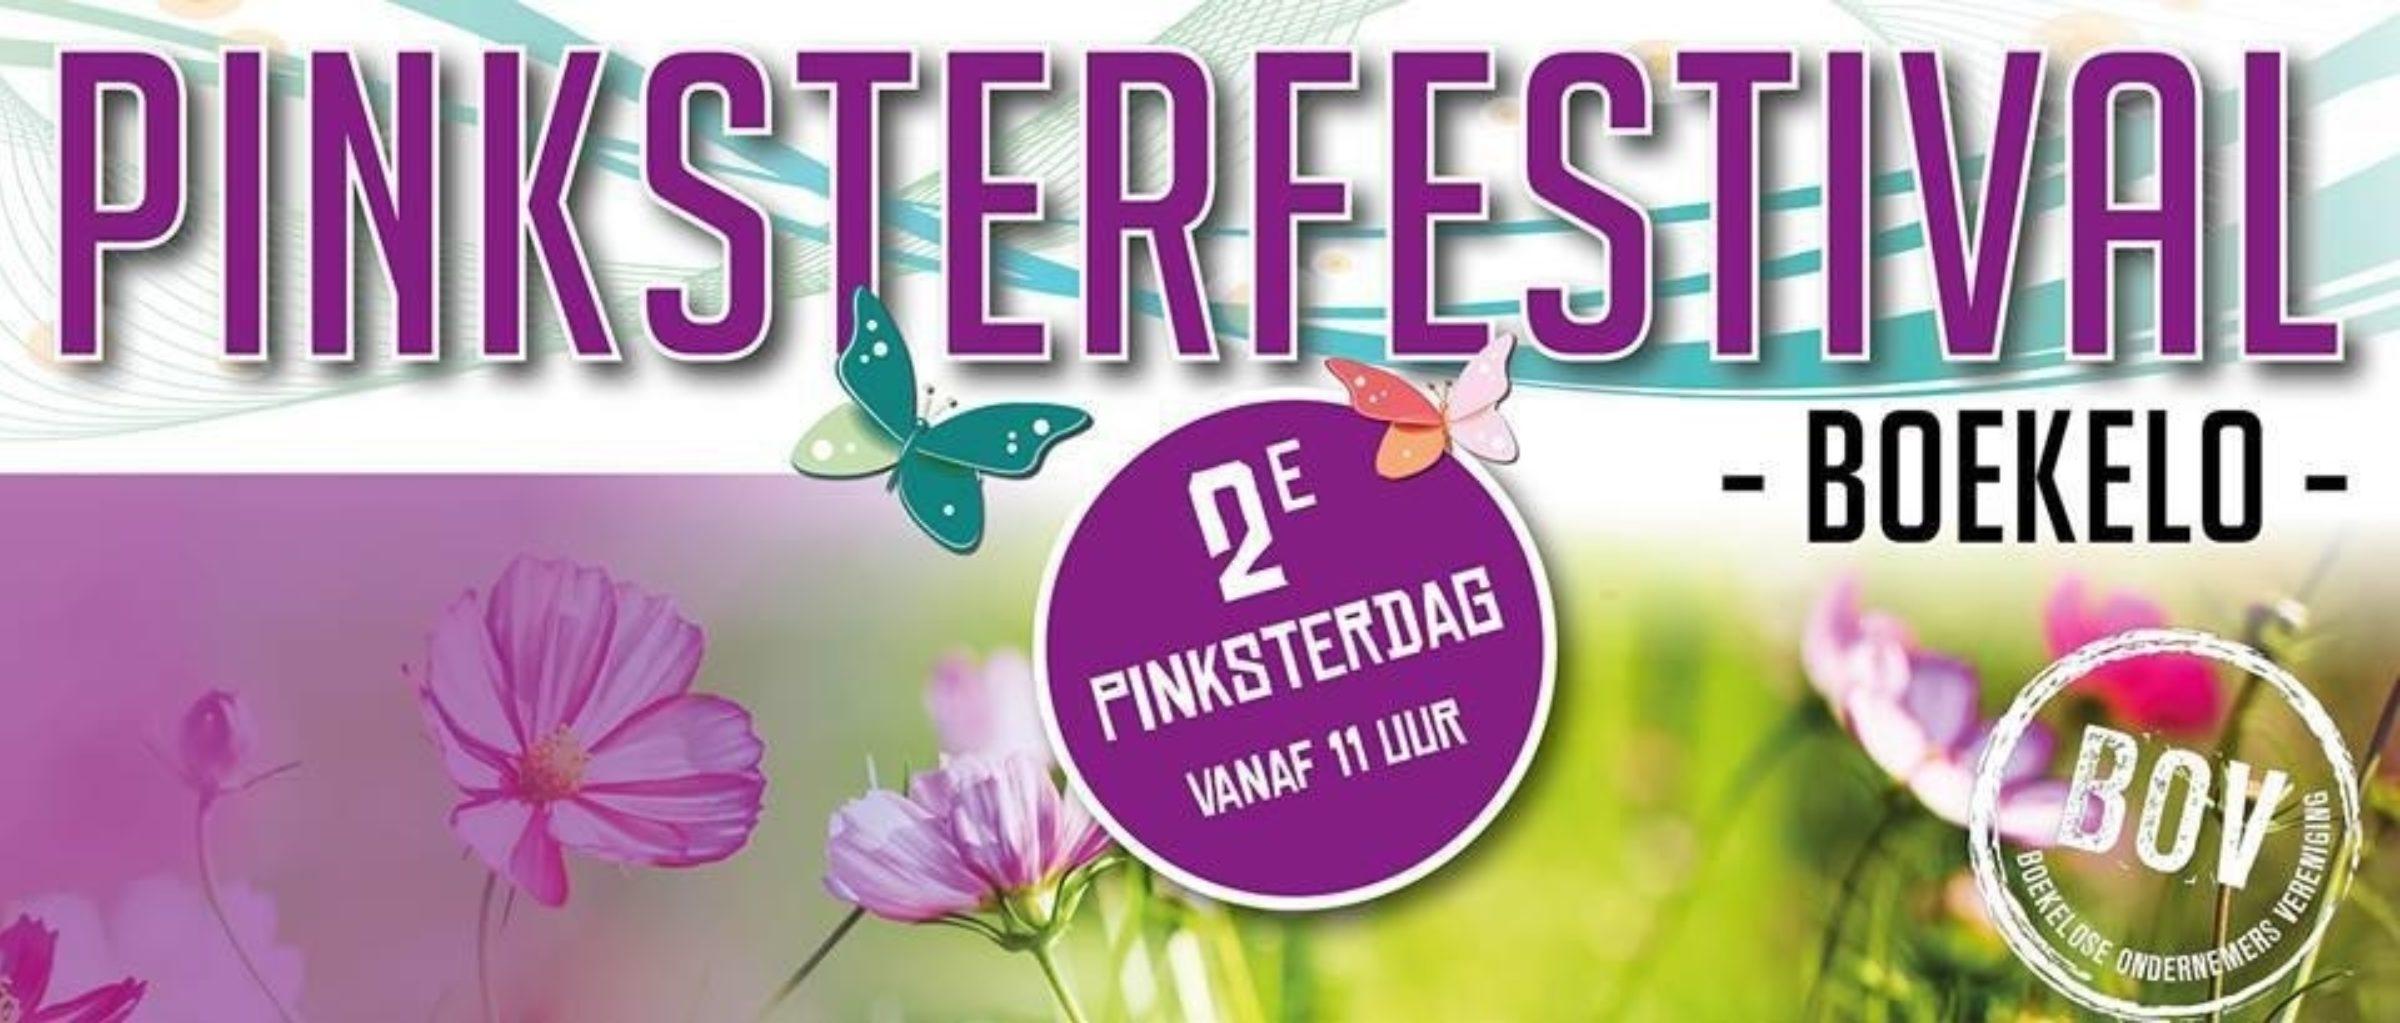 Pinksterfestival boekelo 2829 1556532847 35hxgafddt